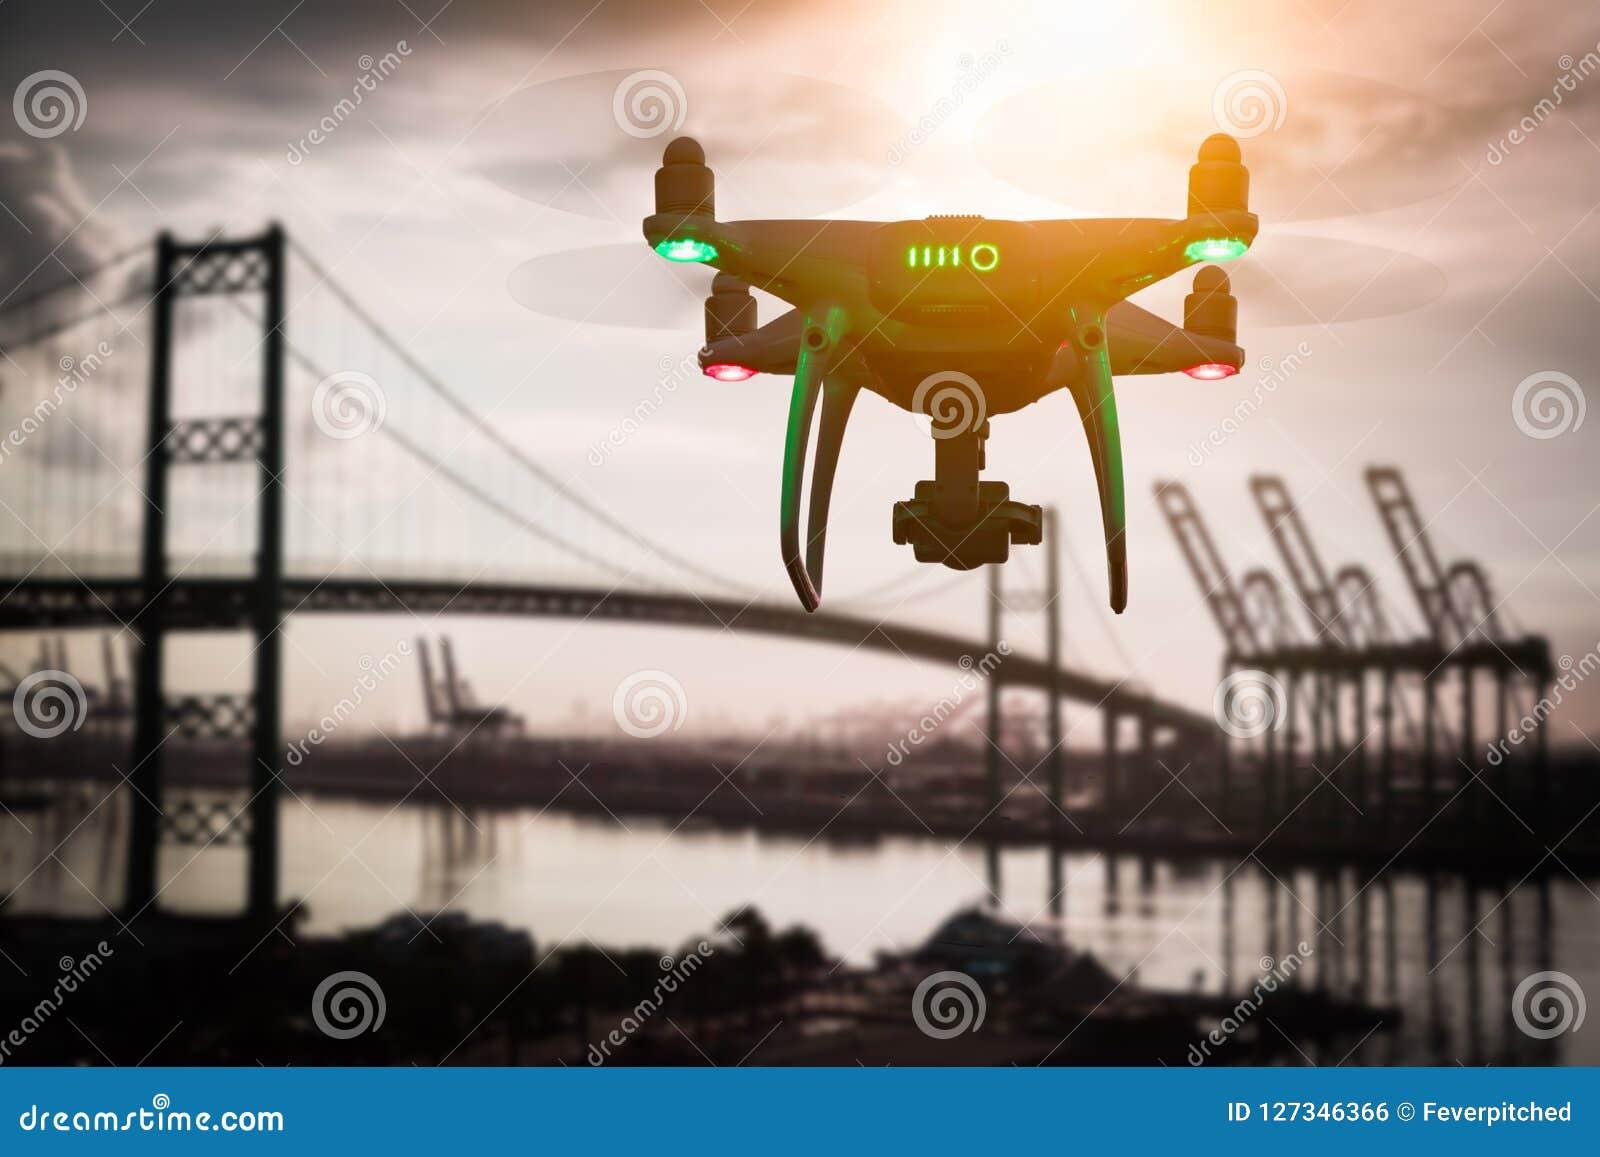 Silhouette de bourdon téléguidé du circuit de bord UAV Quadcopter